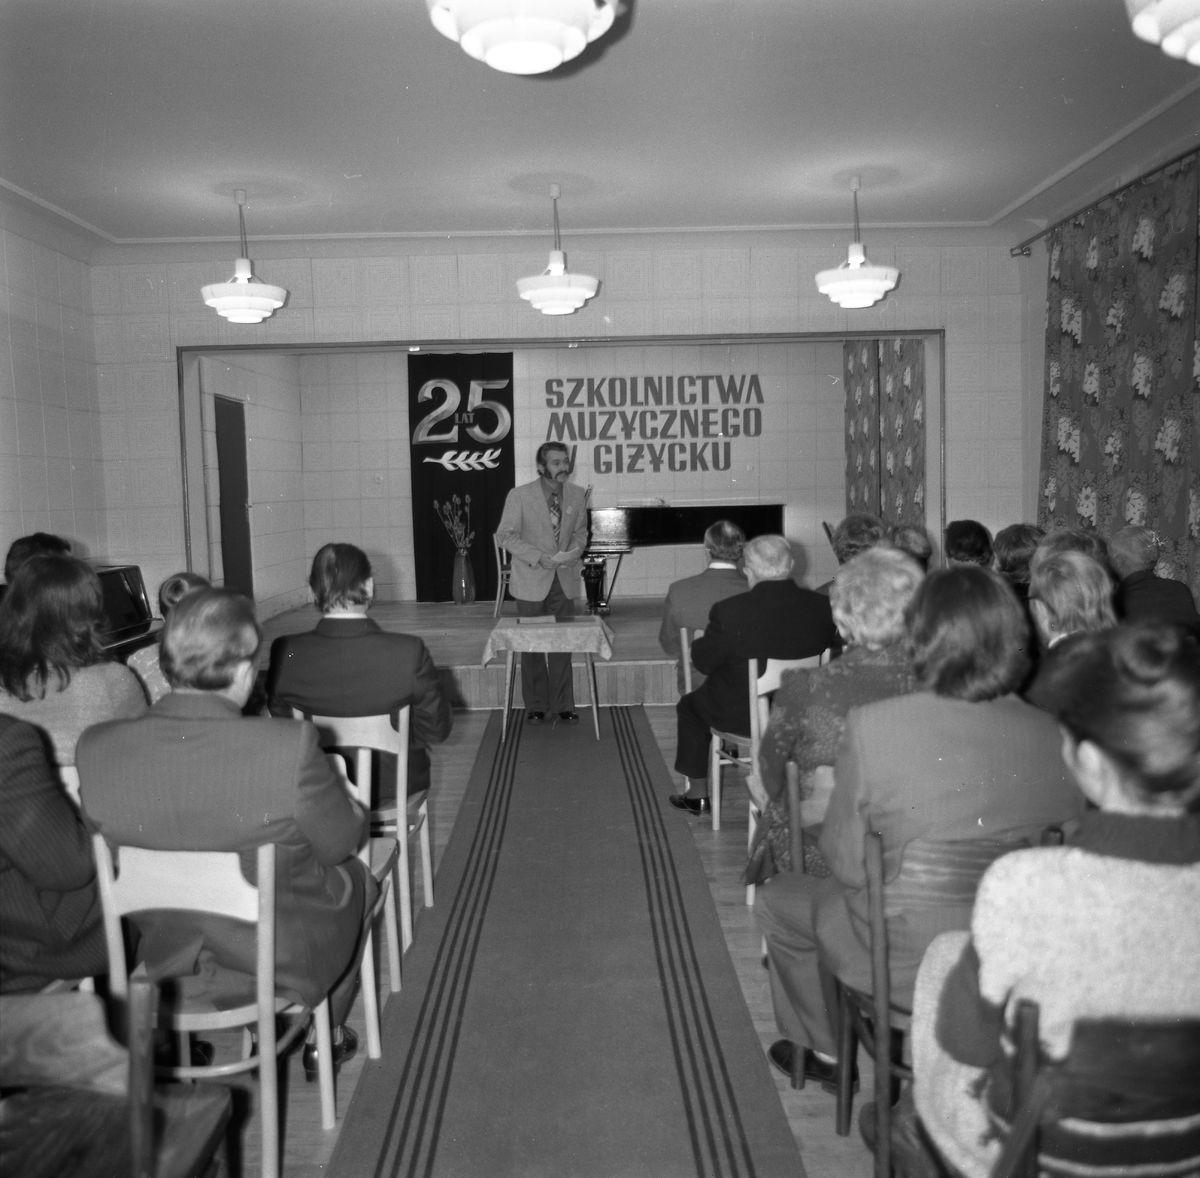 10-lecie szkoły muzycznej, 1976 r.